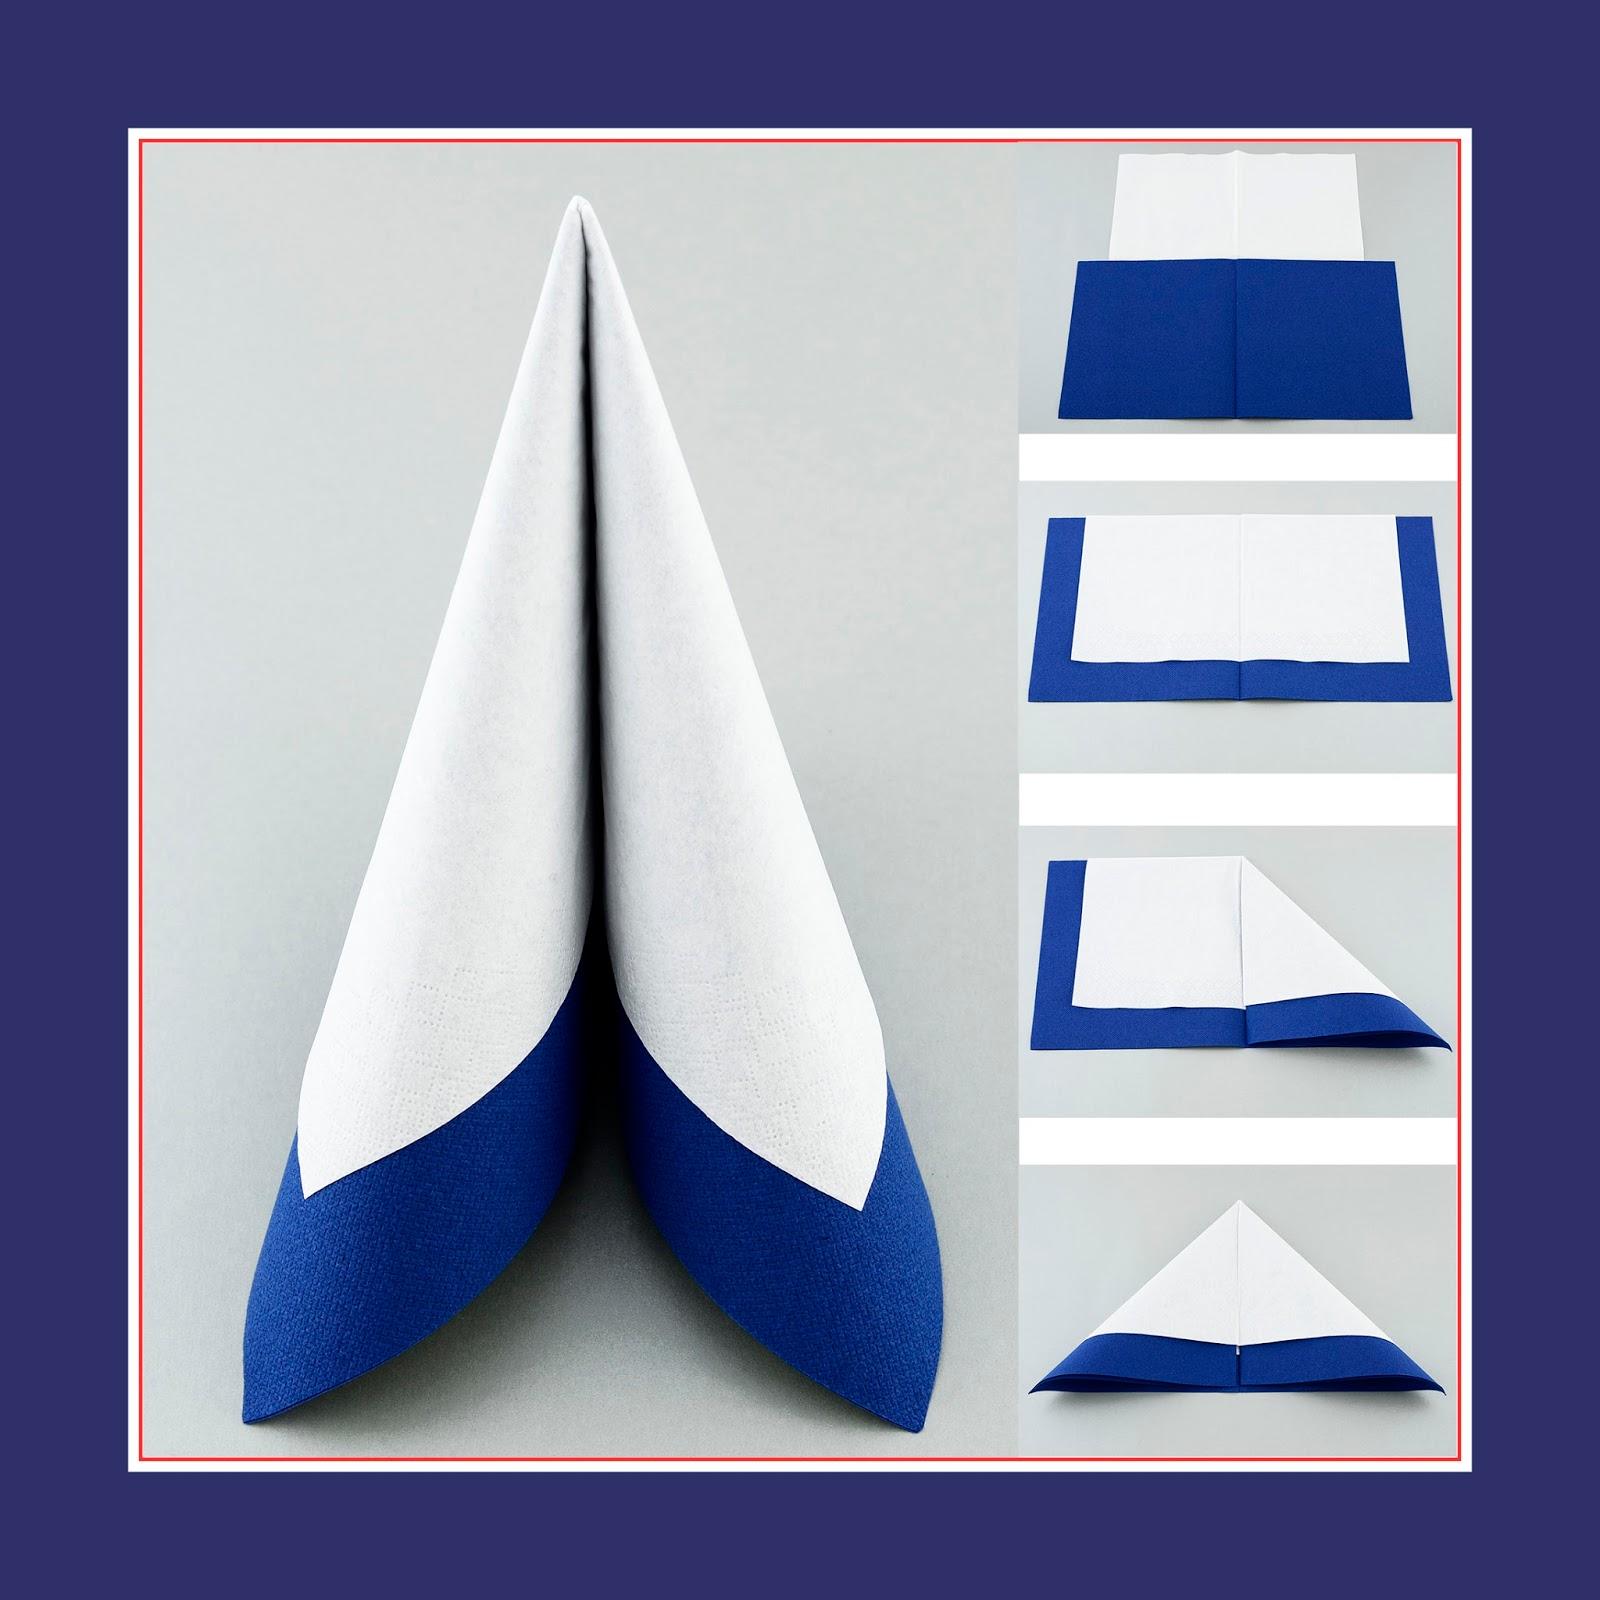 Bestecktaschen Falten gallerphot serviette falten bestecktasche